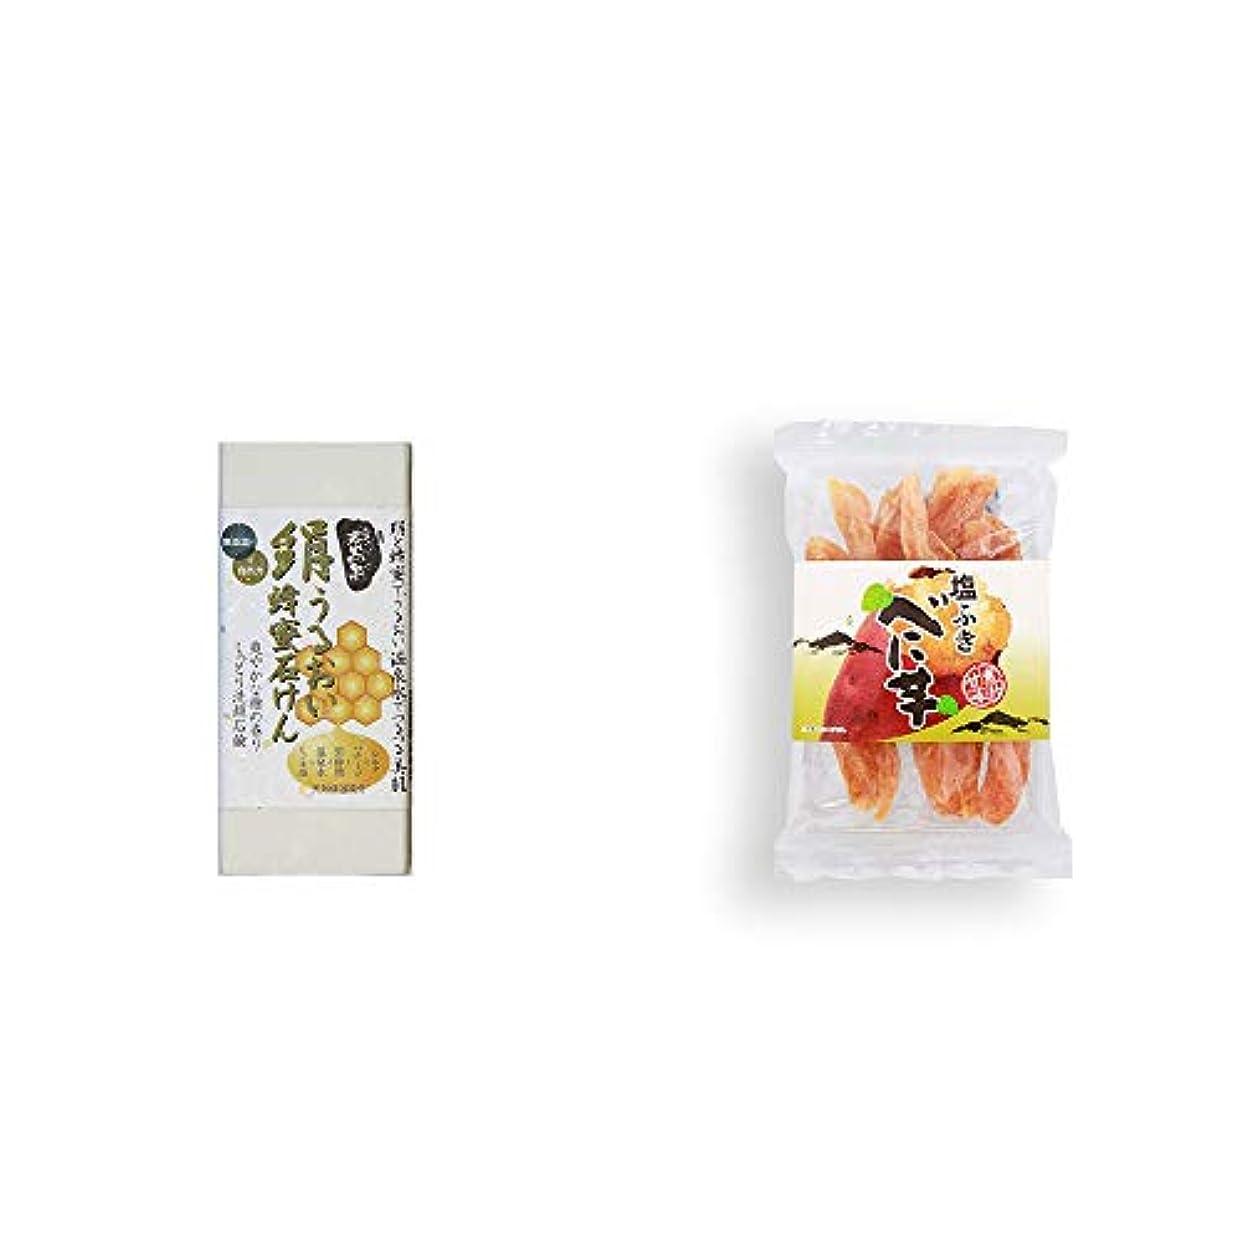 引き渡す刺激する贅沢な[2点セット] ひのき炭黒泉 絹うるおい蜂蜜石けん(75g×2)?塩ふき べに芋(250g)